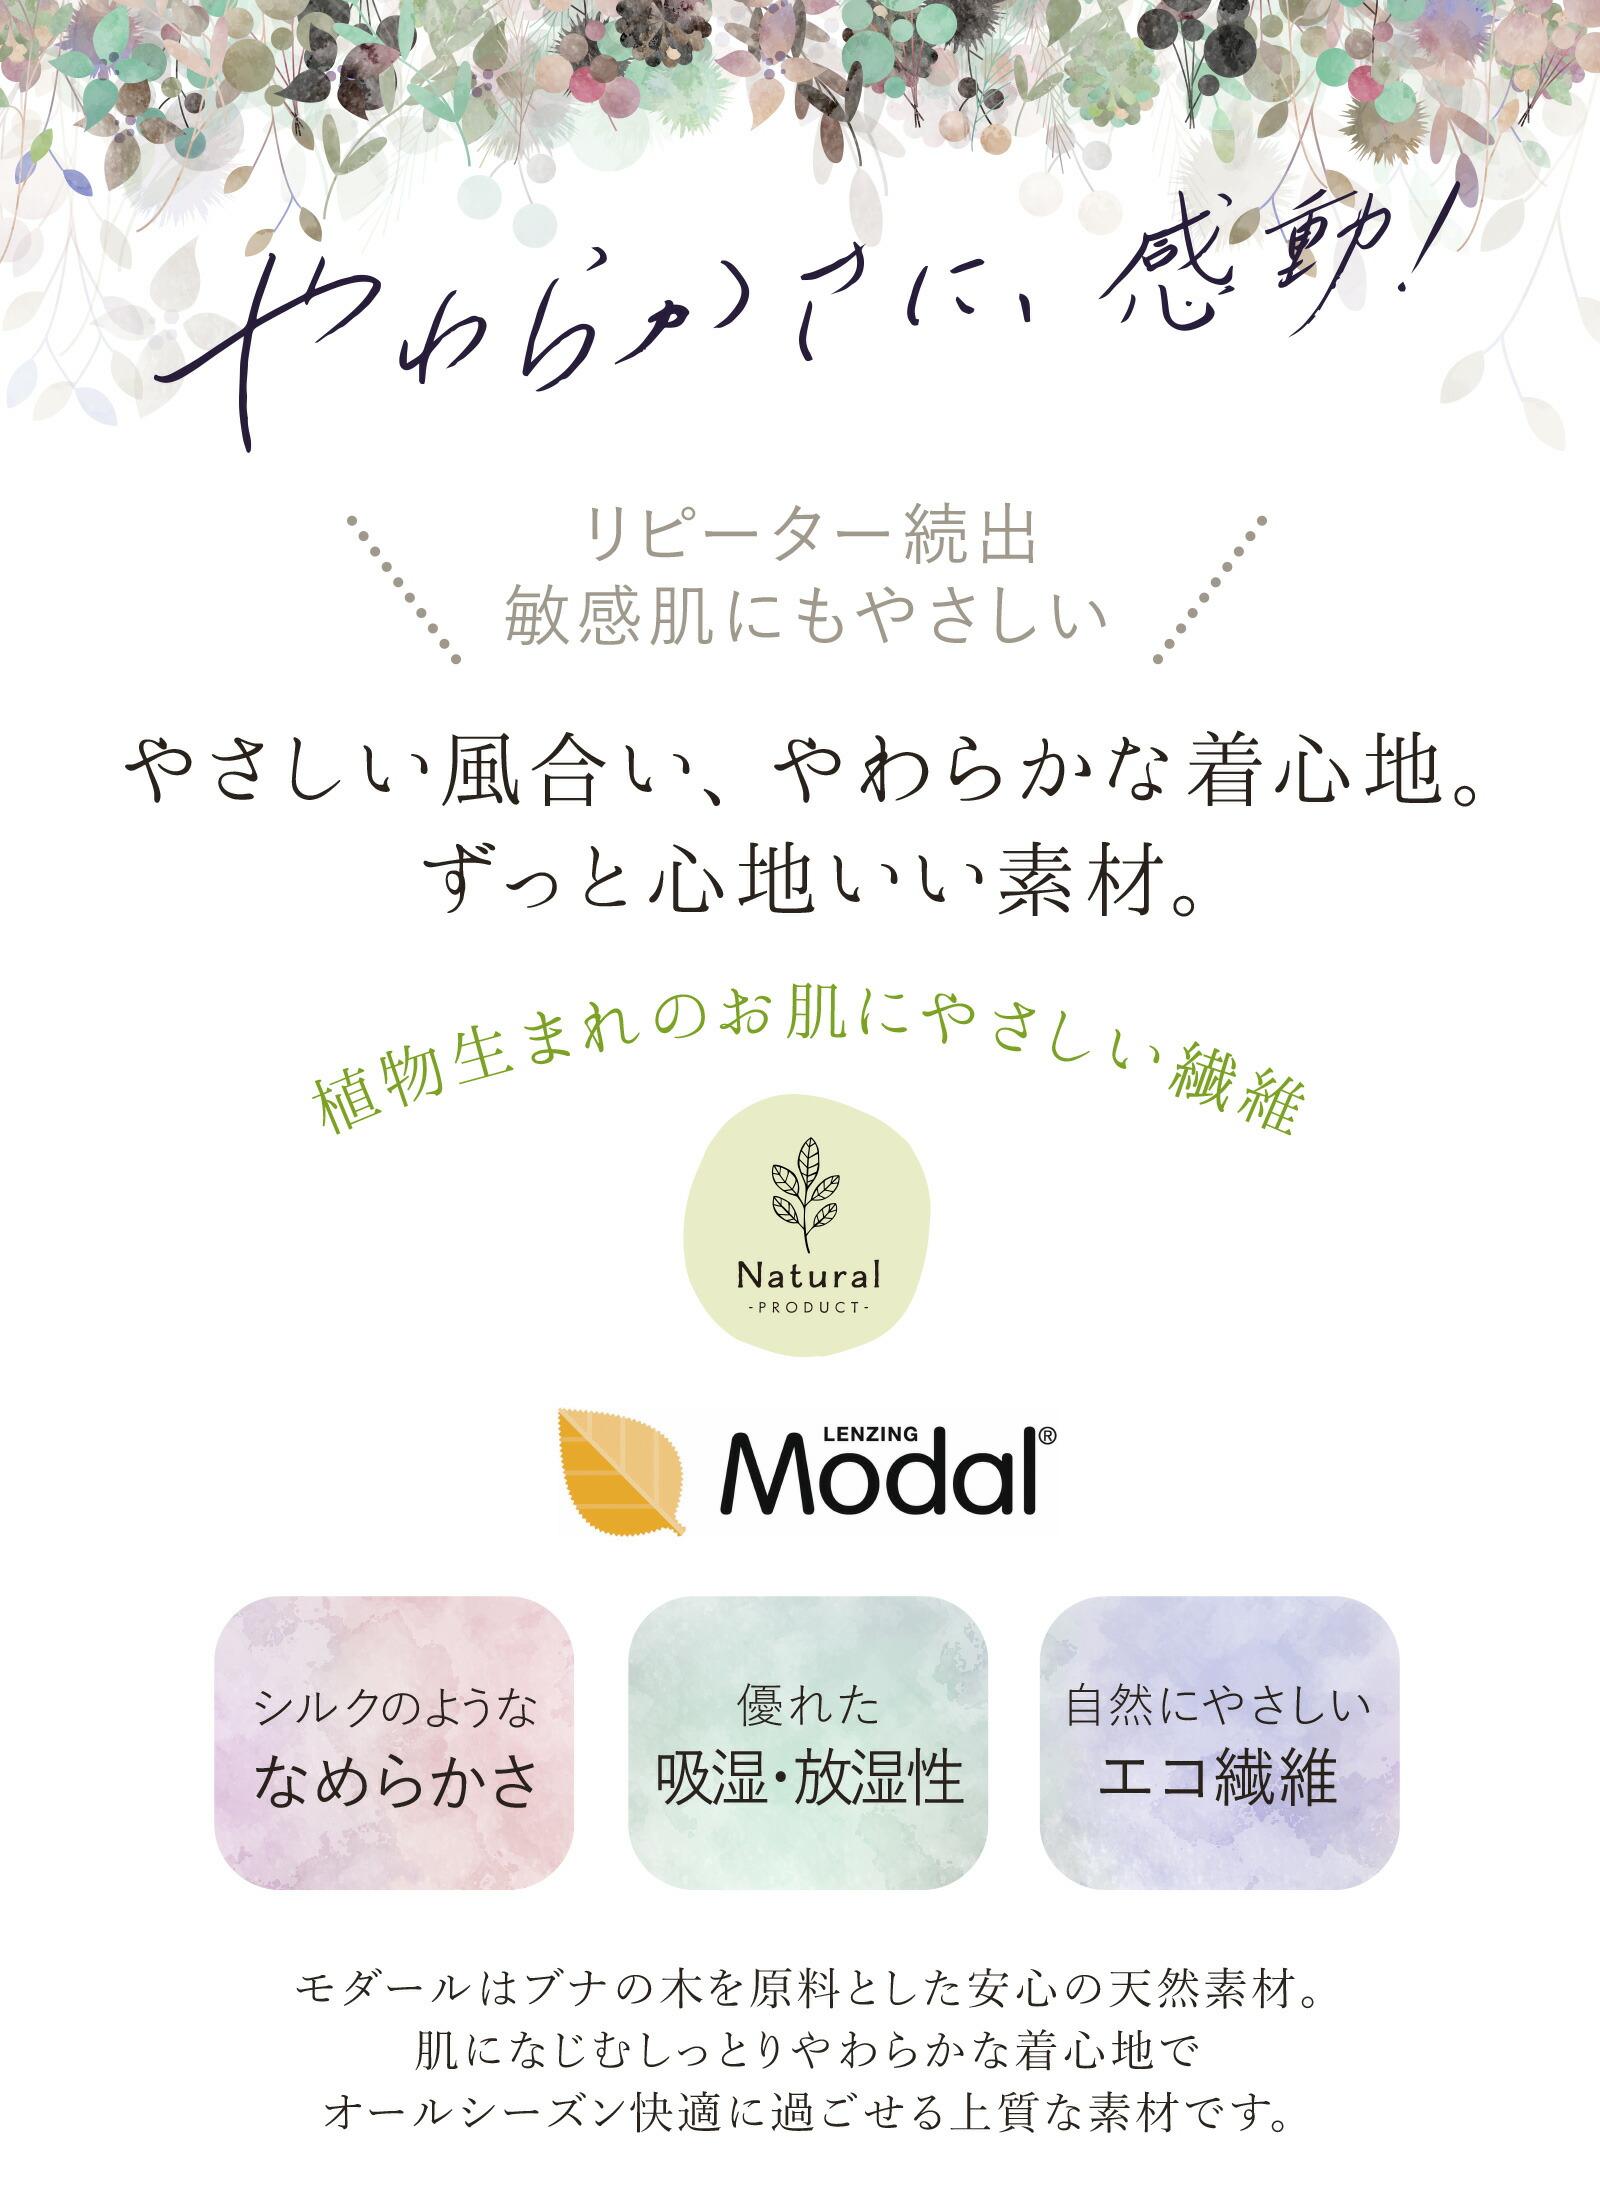 綿モダールの特徴1